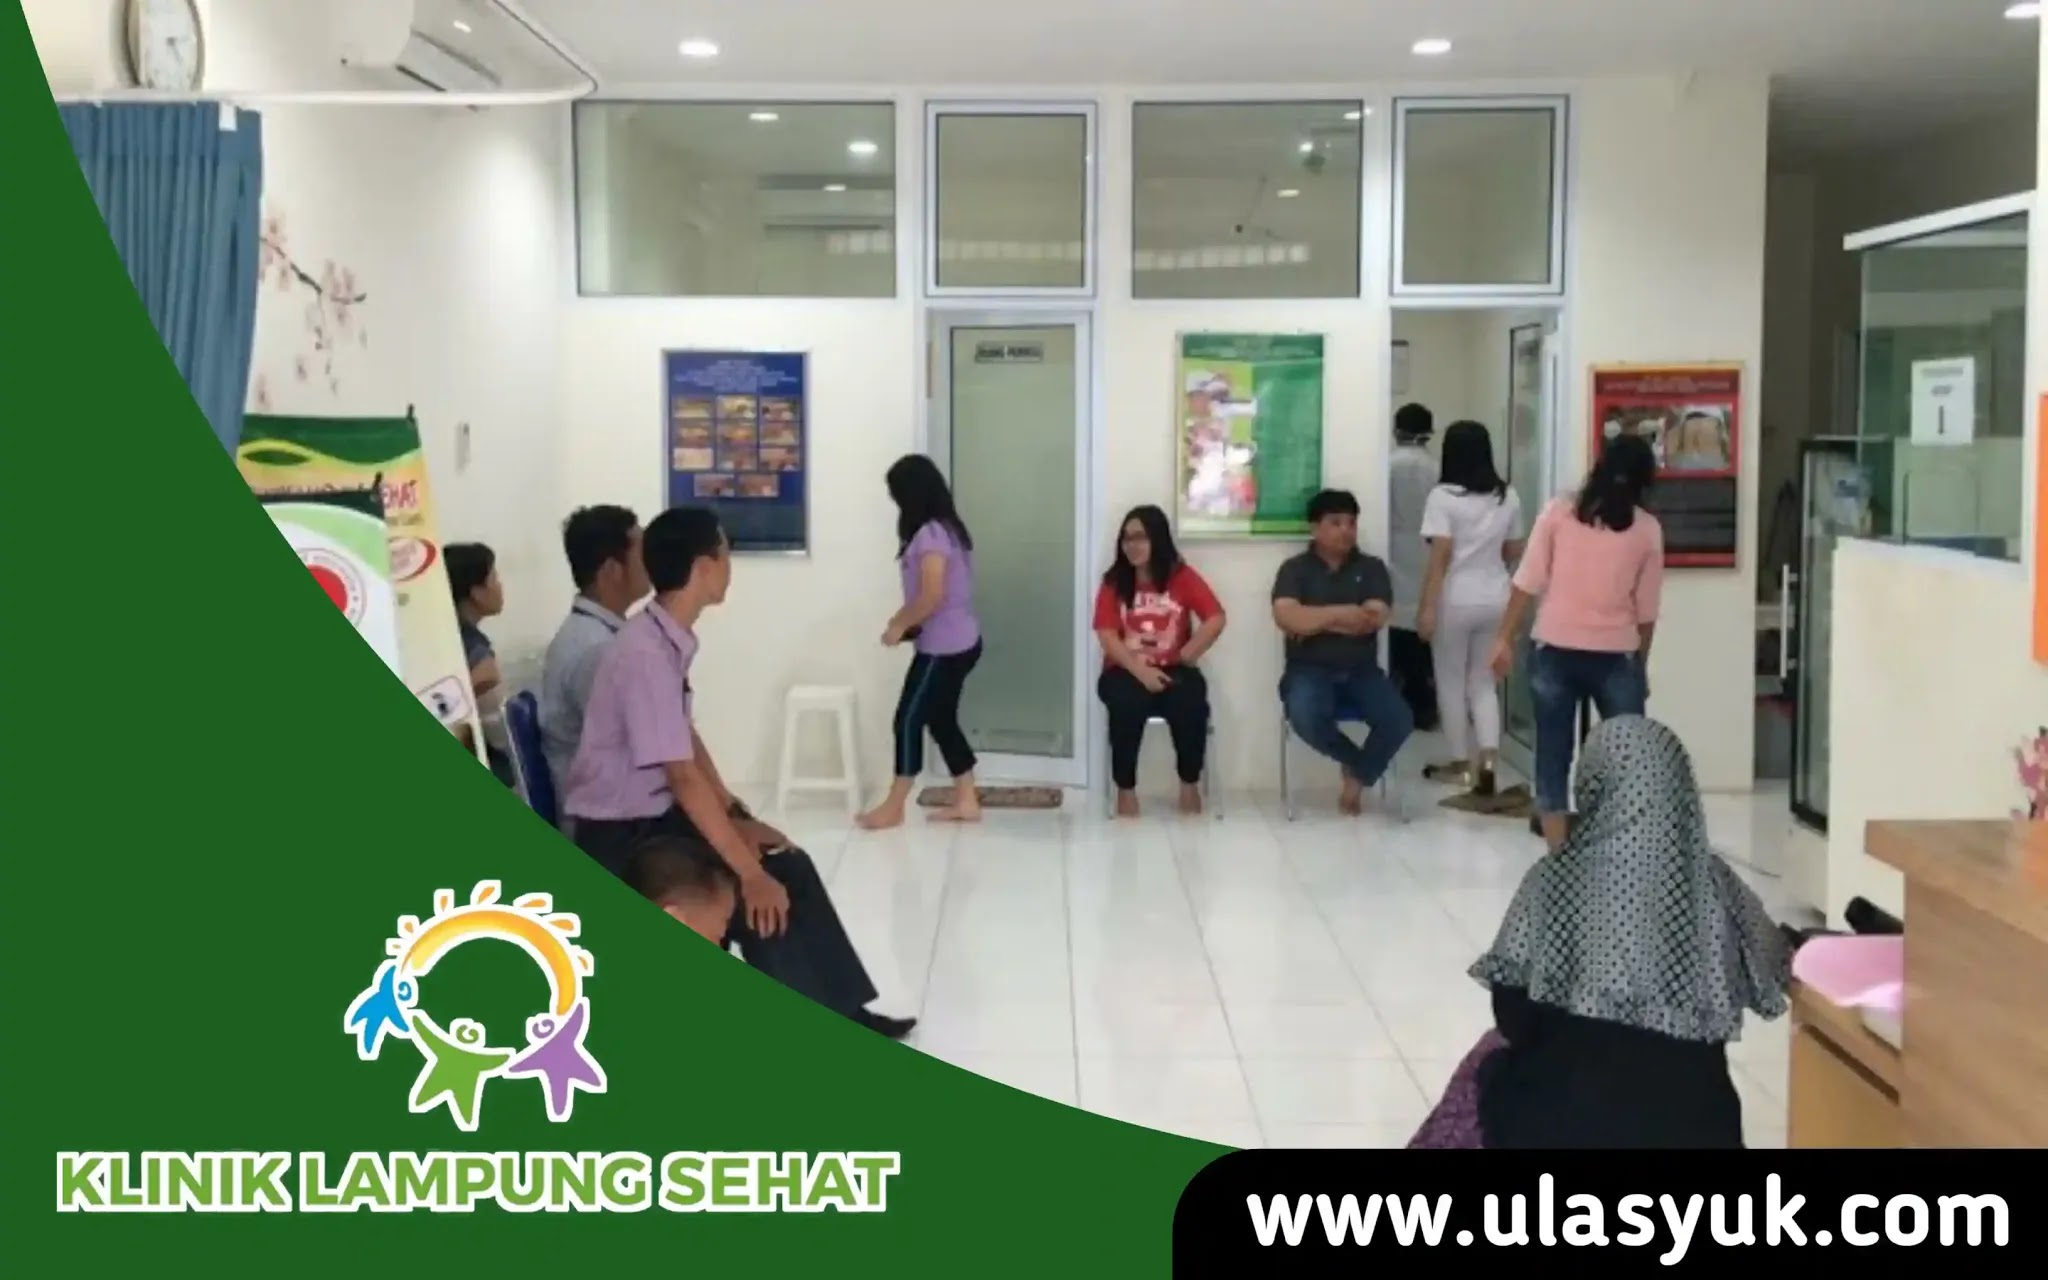 Daftar Pelayanan Kesehatan Yang Ada Di Klinik Lampung Sehat